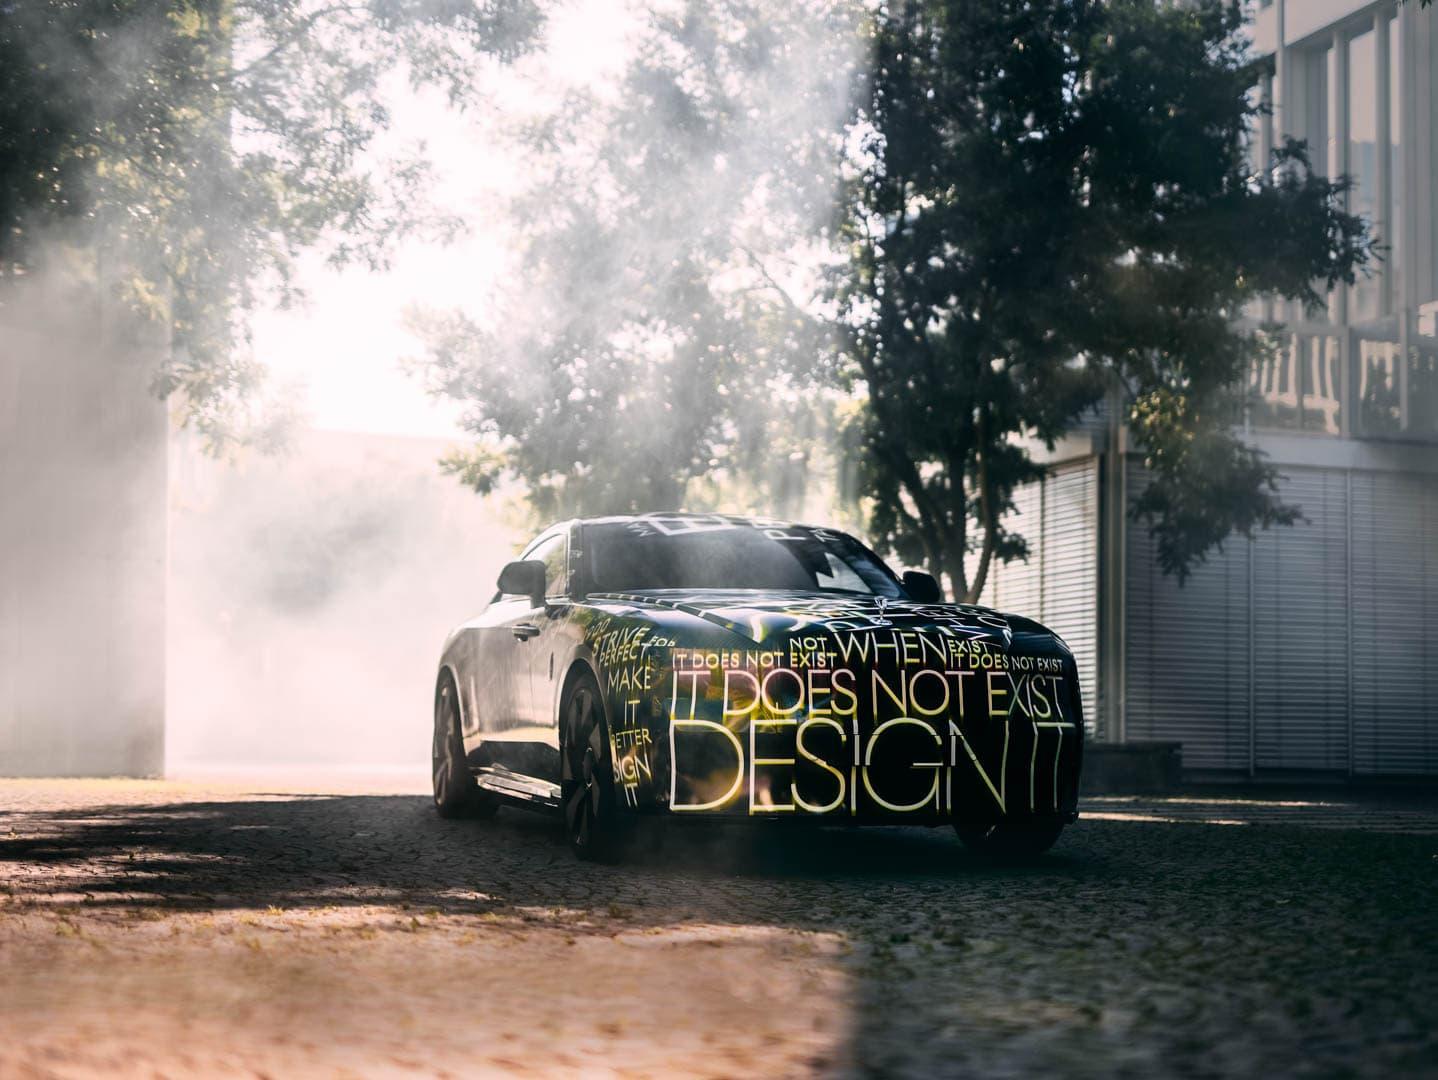 Rolls Royce Spectre 1 of 4